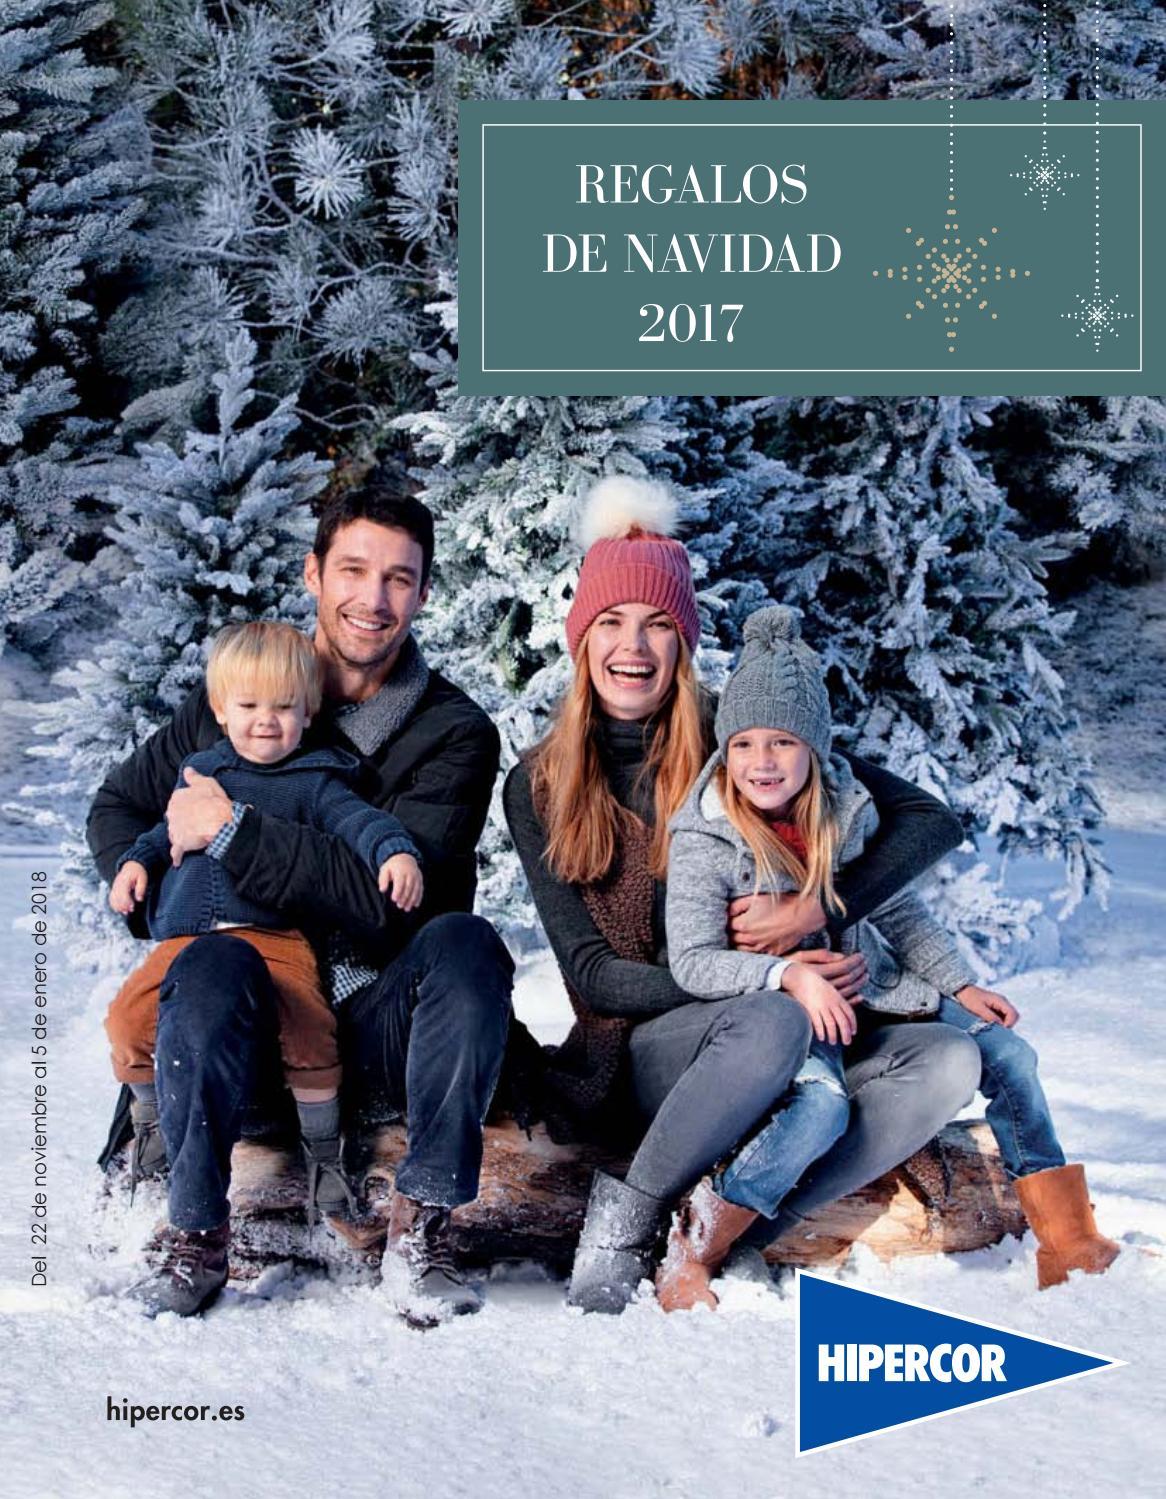 7ca7561e9 Catálogo hipercor regalos de navidad 2017 by Ofertas Supermercados - issuu